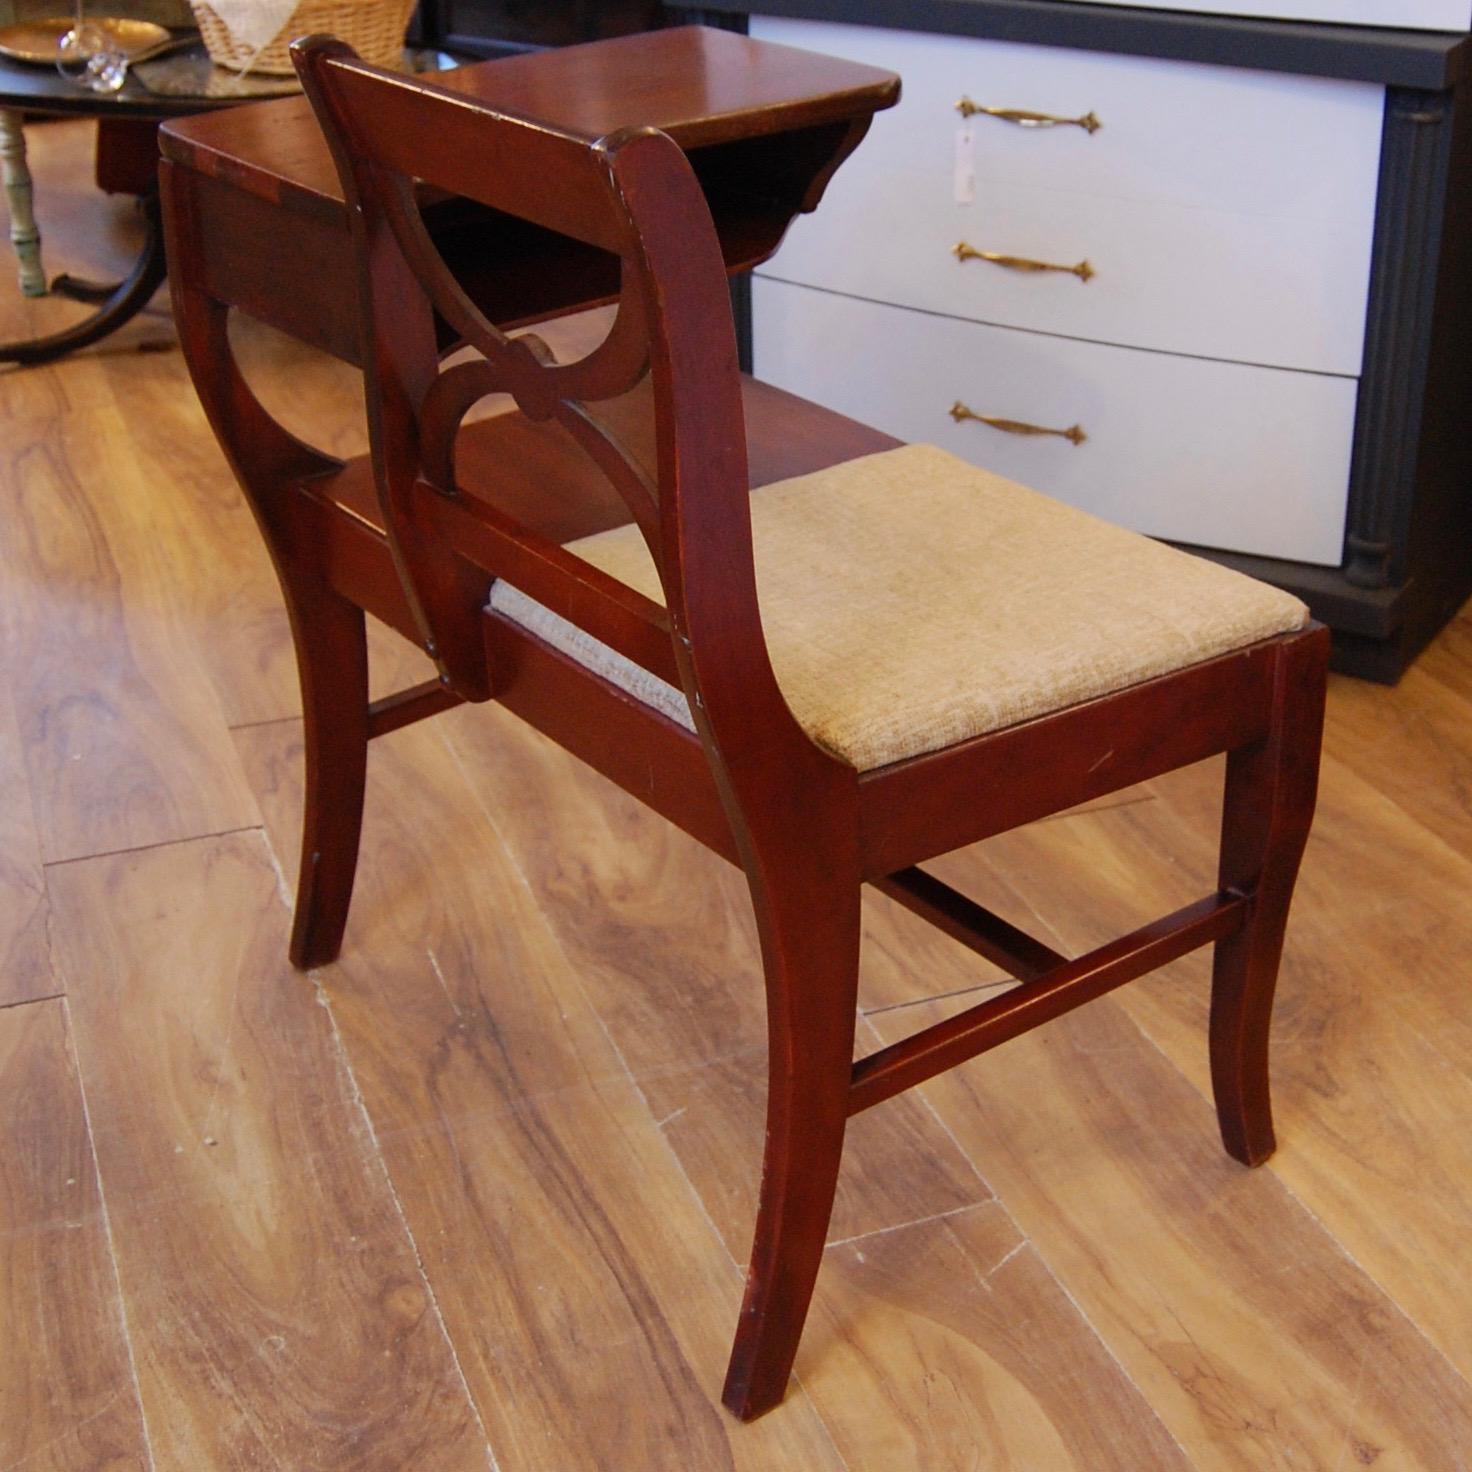 Vintage Telephone Chair - Vintage Telephone Chair – Simon Vintage